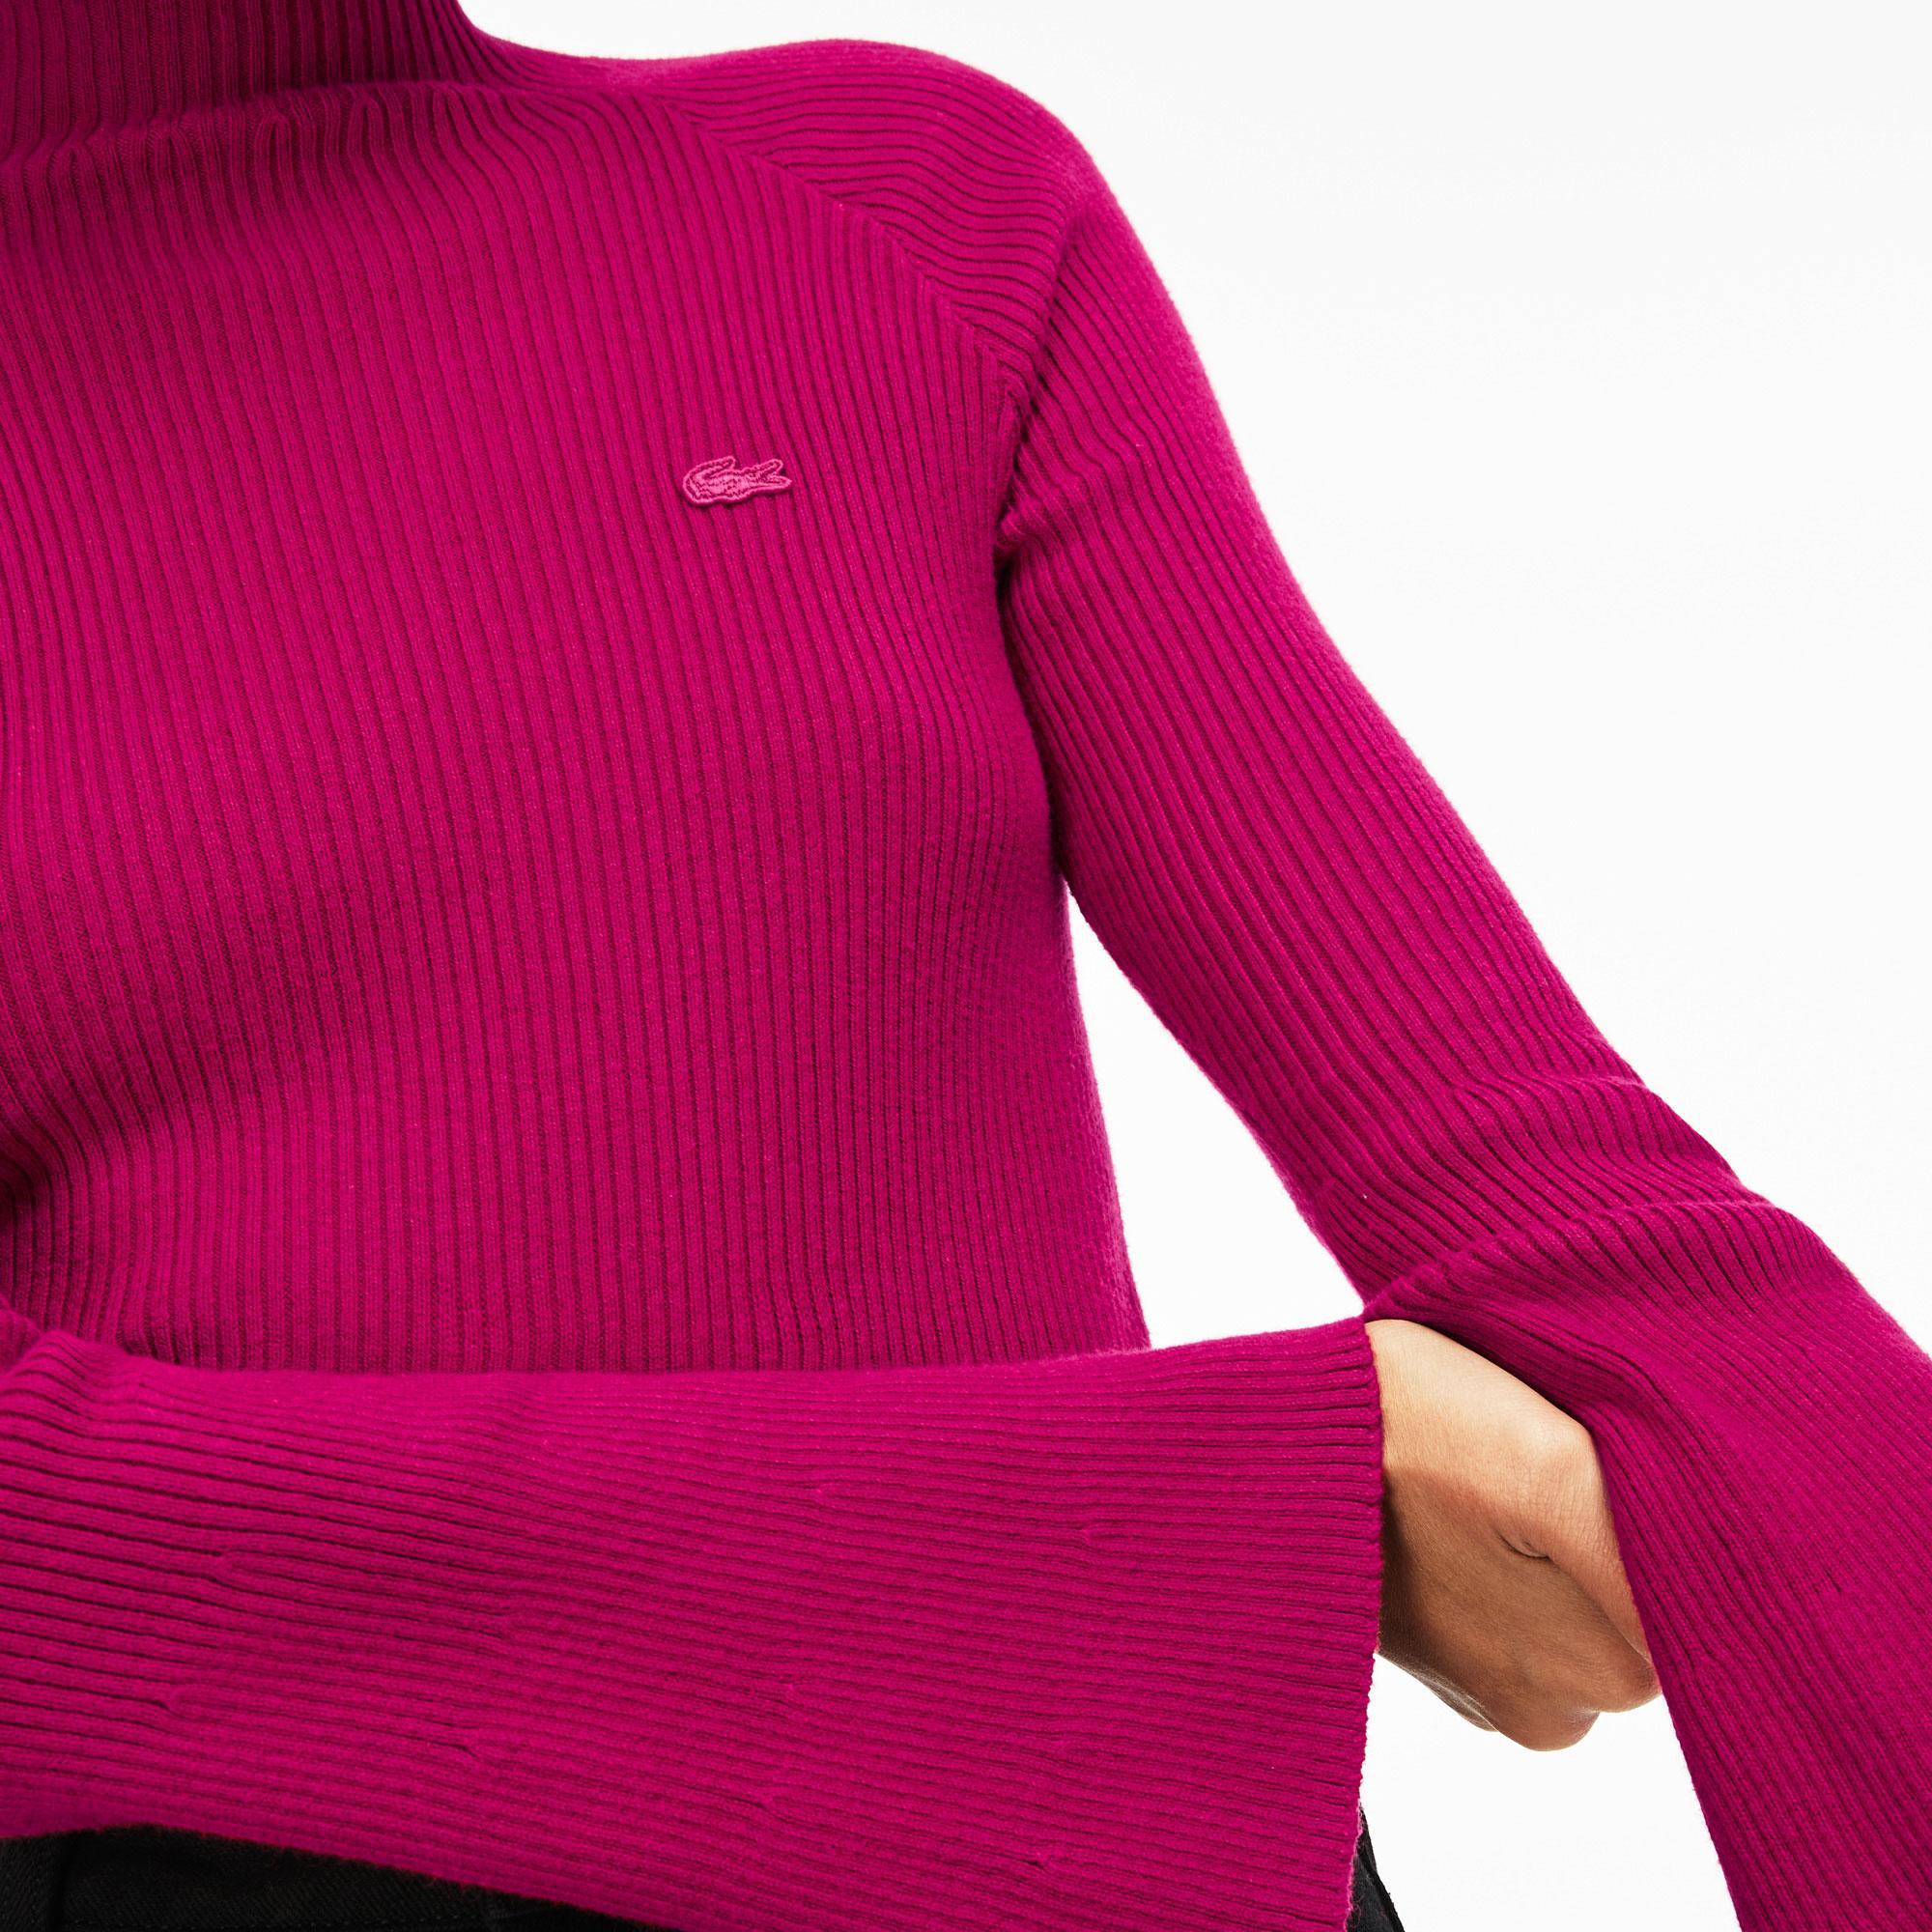 Lacoste Women's Sweater